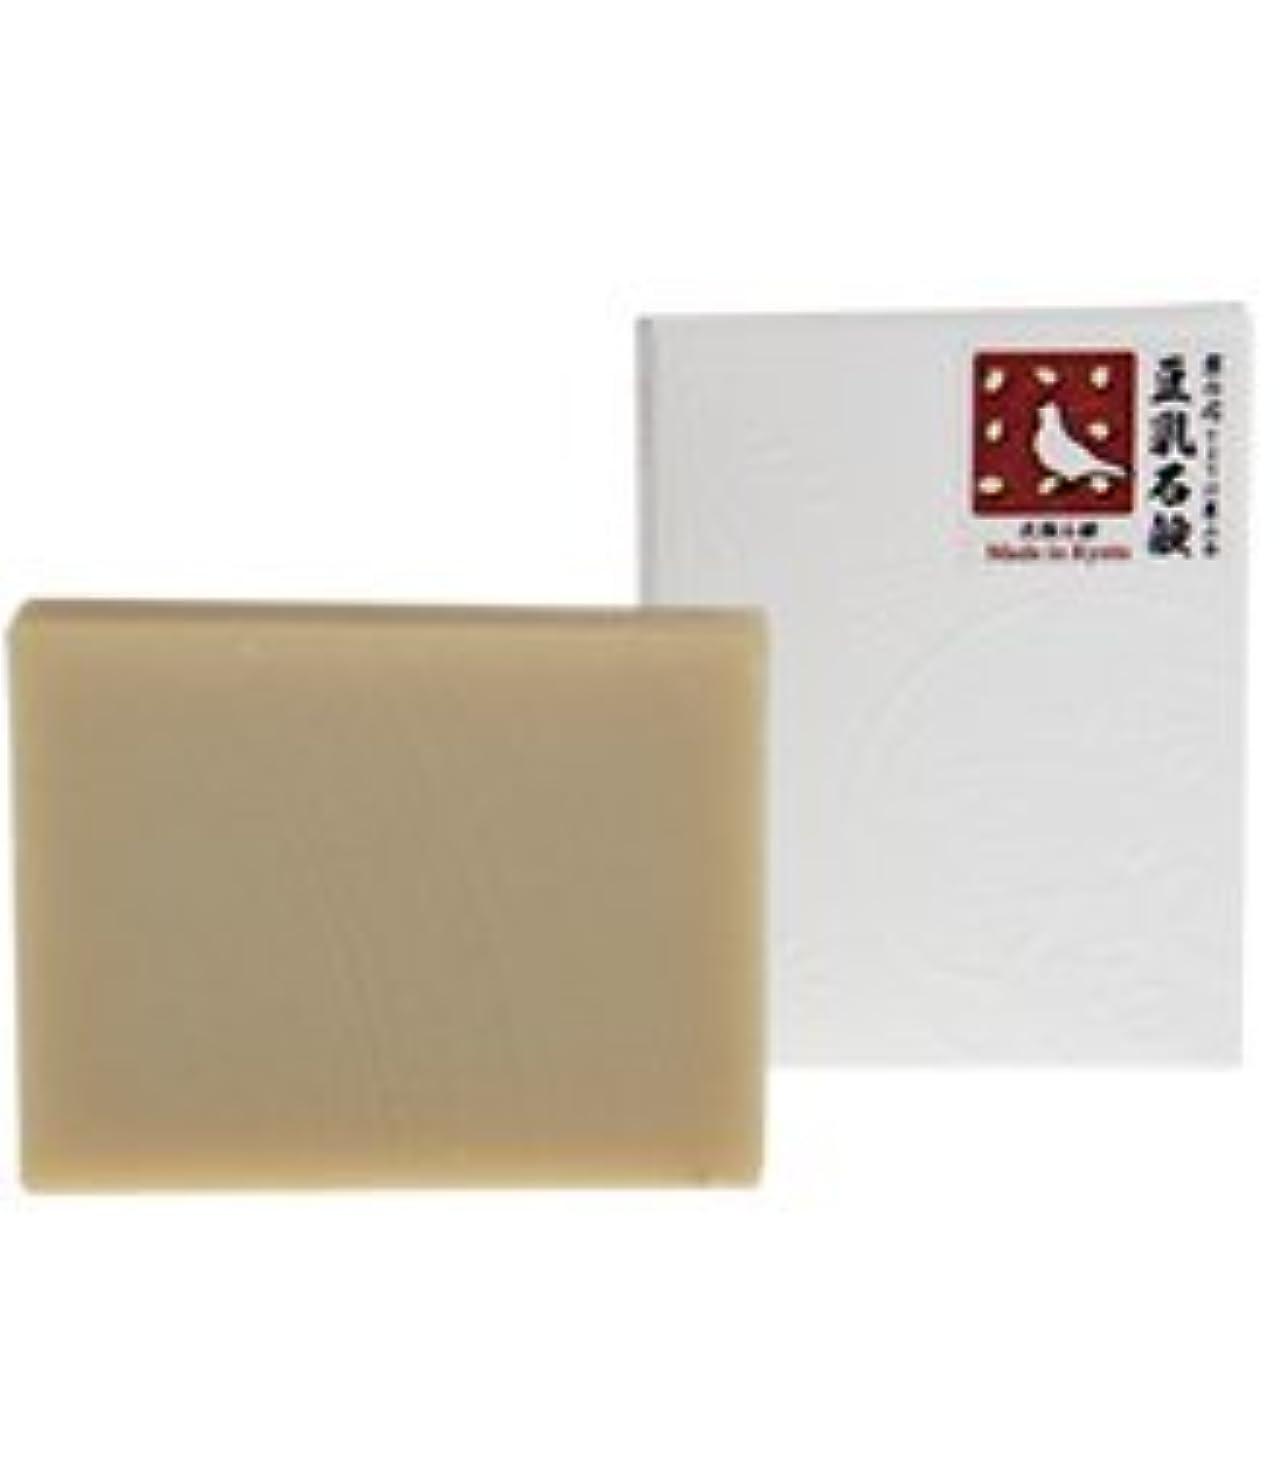 ベンチボスショップ豆乳石鹸|石鹸屋(京都しゃぼんや×とようけ屋山本)洗顔石鹸